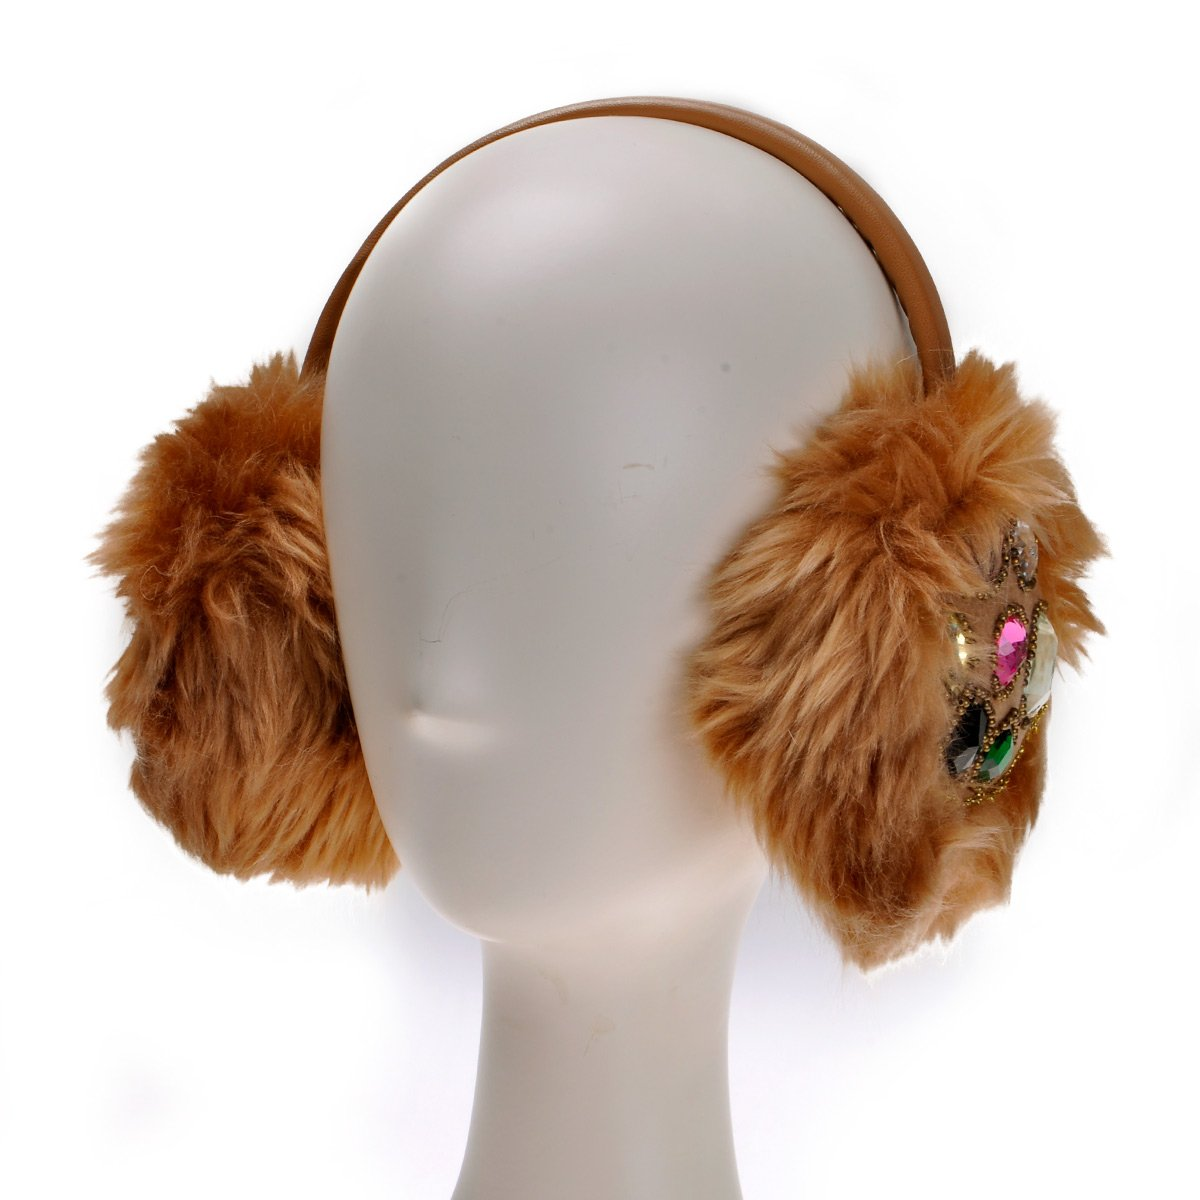 ZLYC Women Hand Sewing Fashion Rhinestone Embroidery Band Fur Earmuffs Earwarmer, Black ZYJ-ET-005